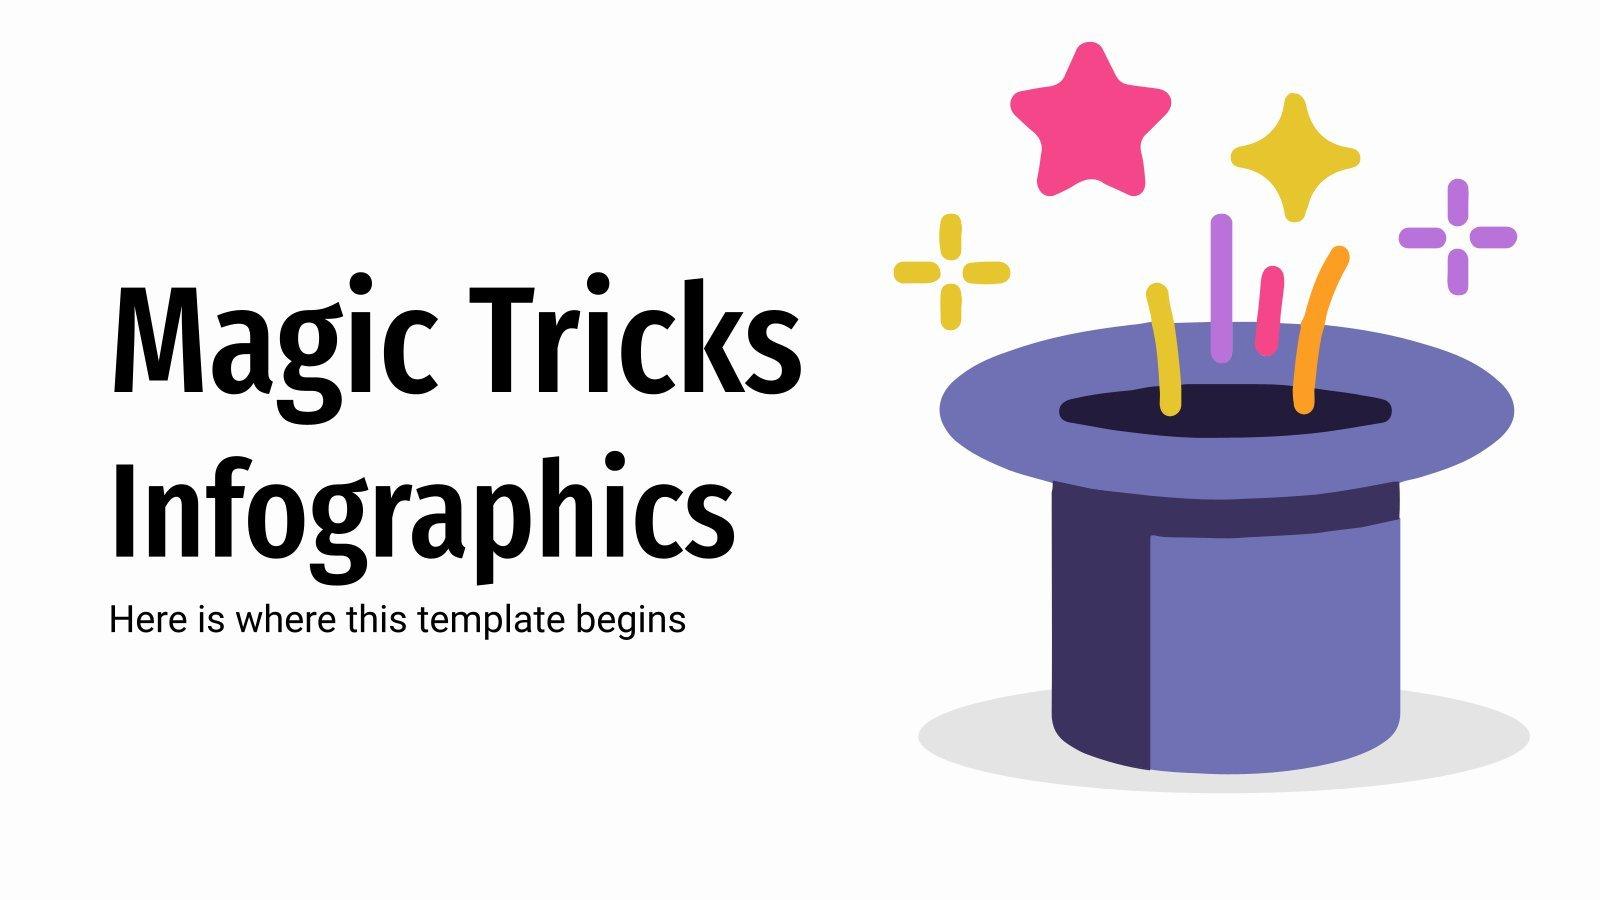 Modelo de apresentação Infográficos de truques de magia